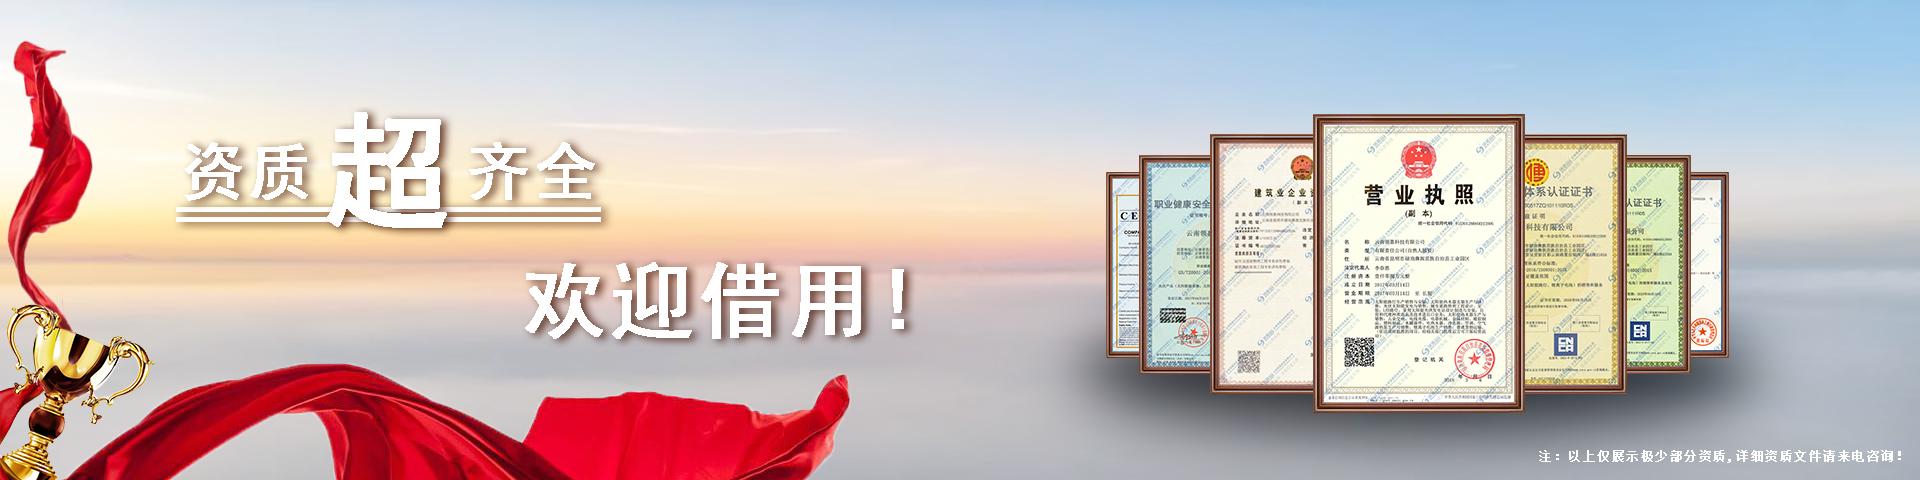 云南领嘉科技有限公司